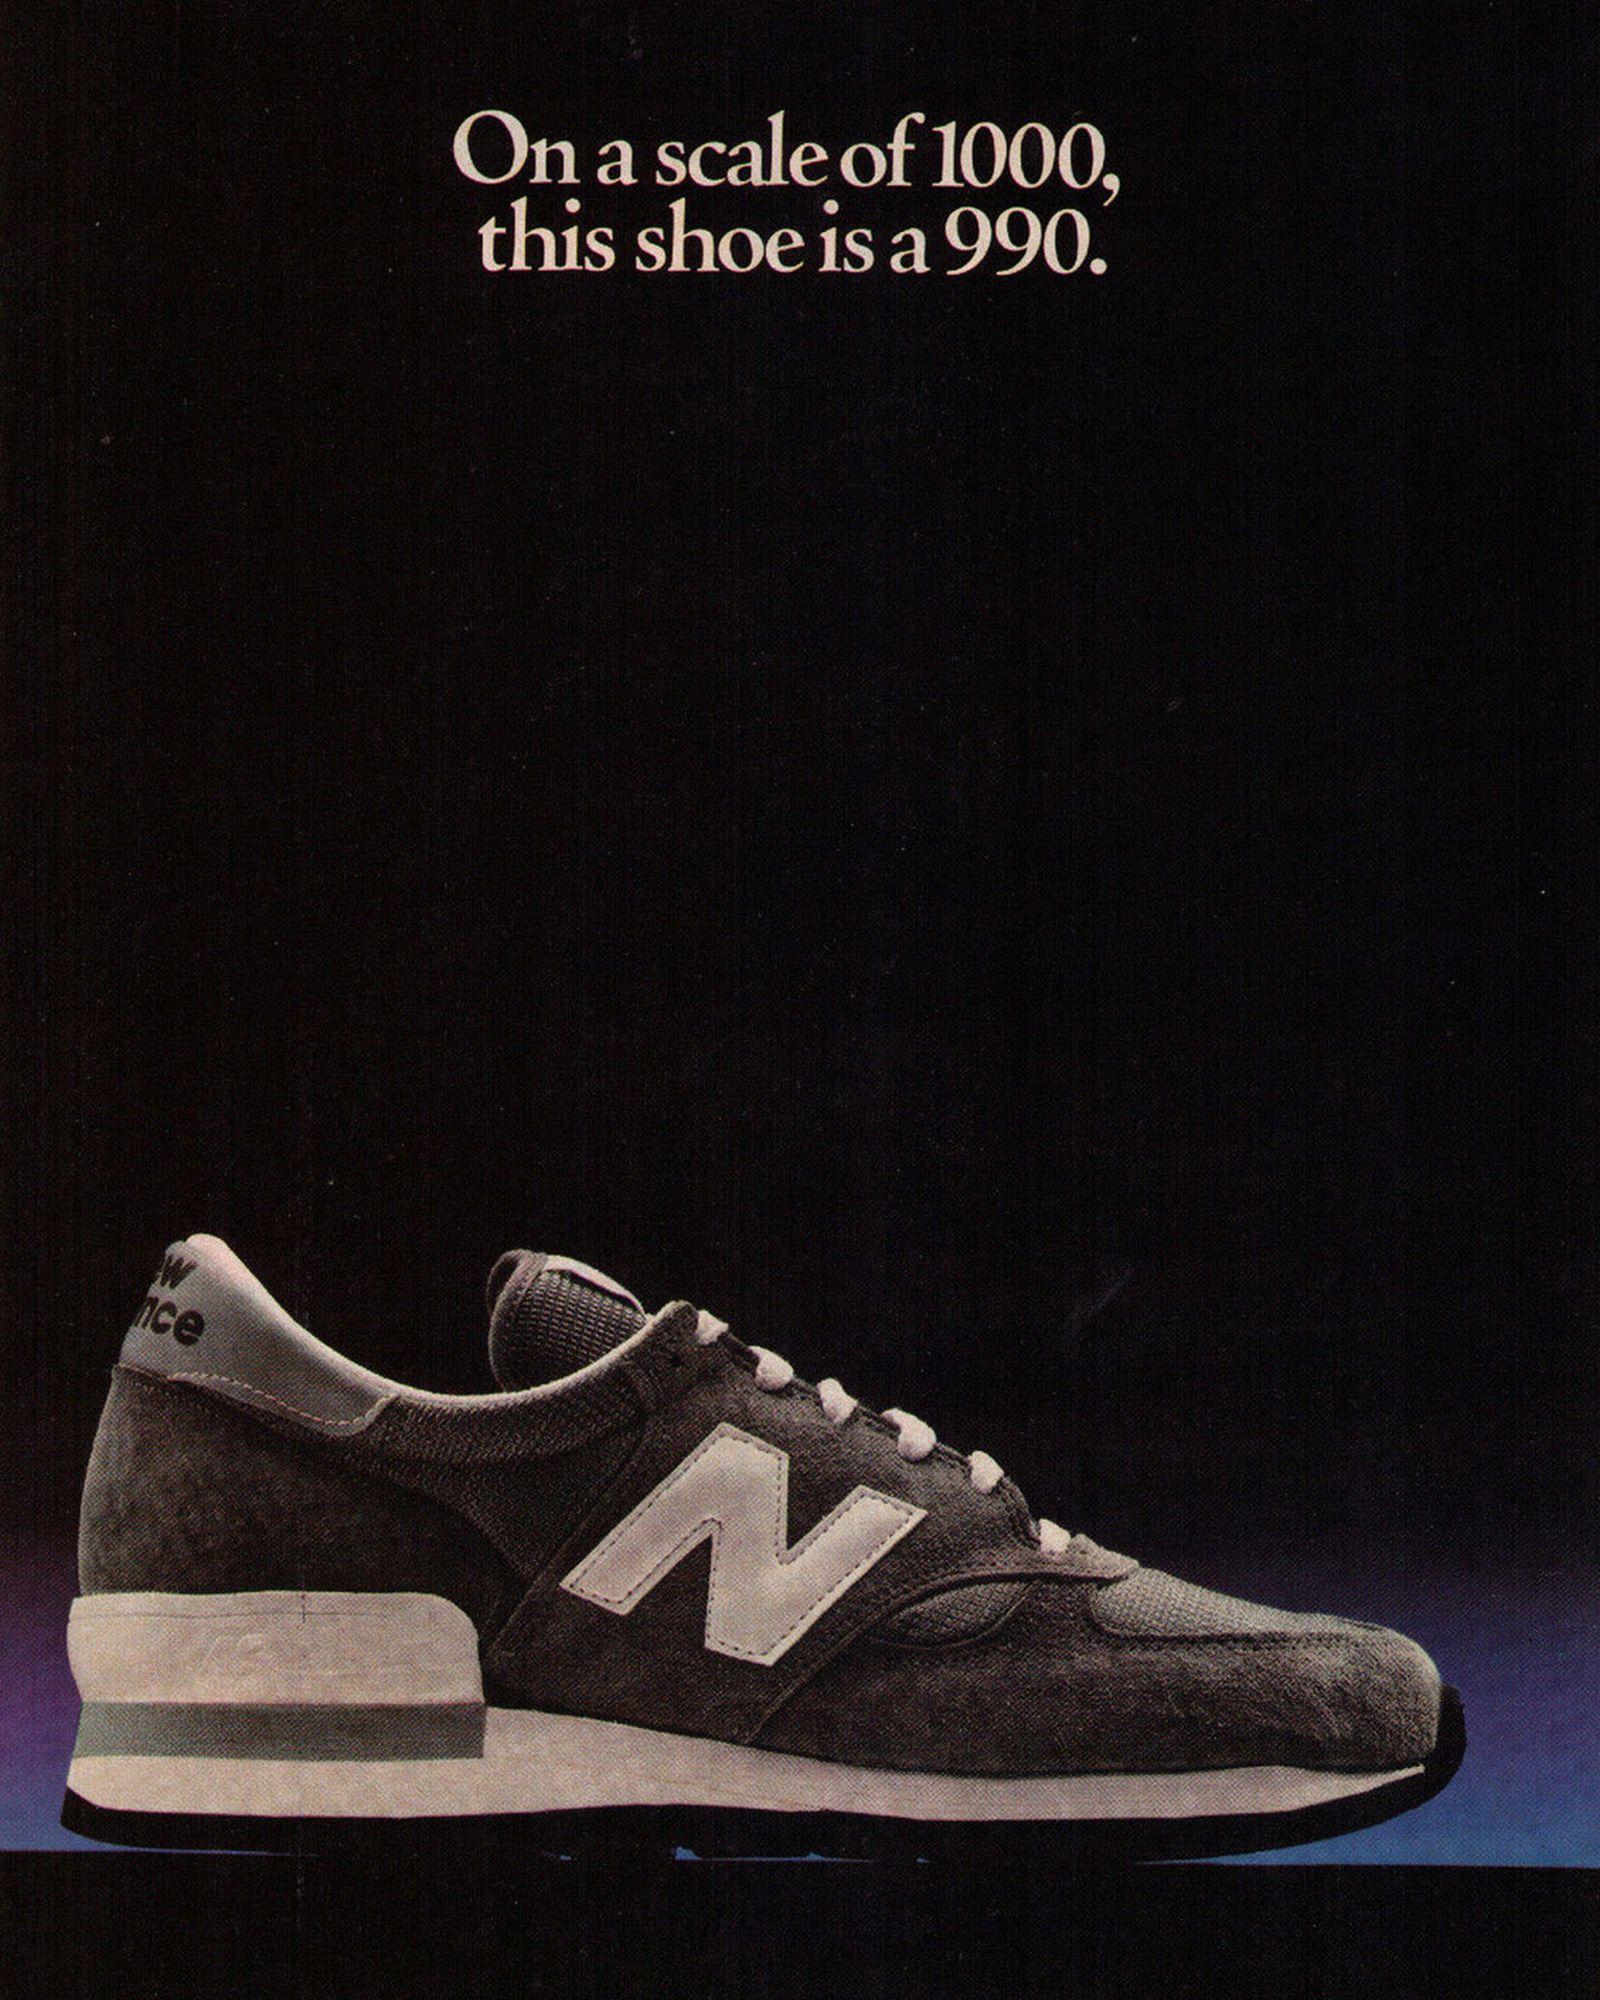 New-Balance-990-Highsnobiety-History-01